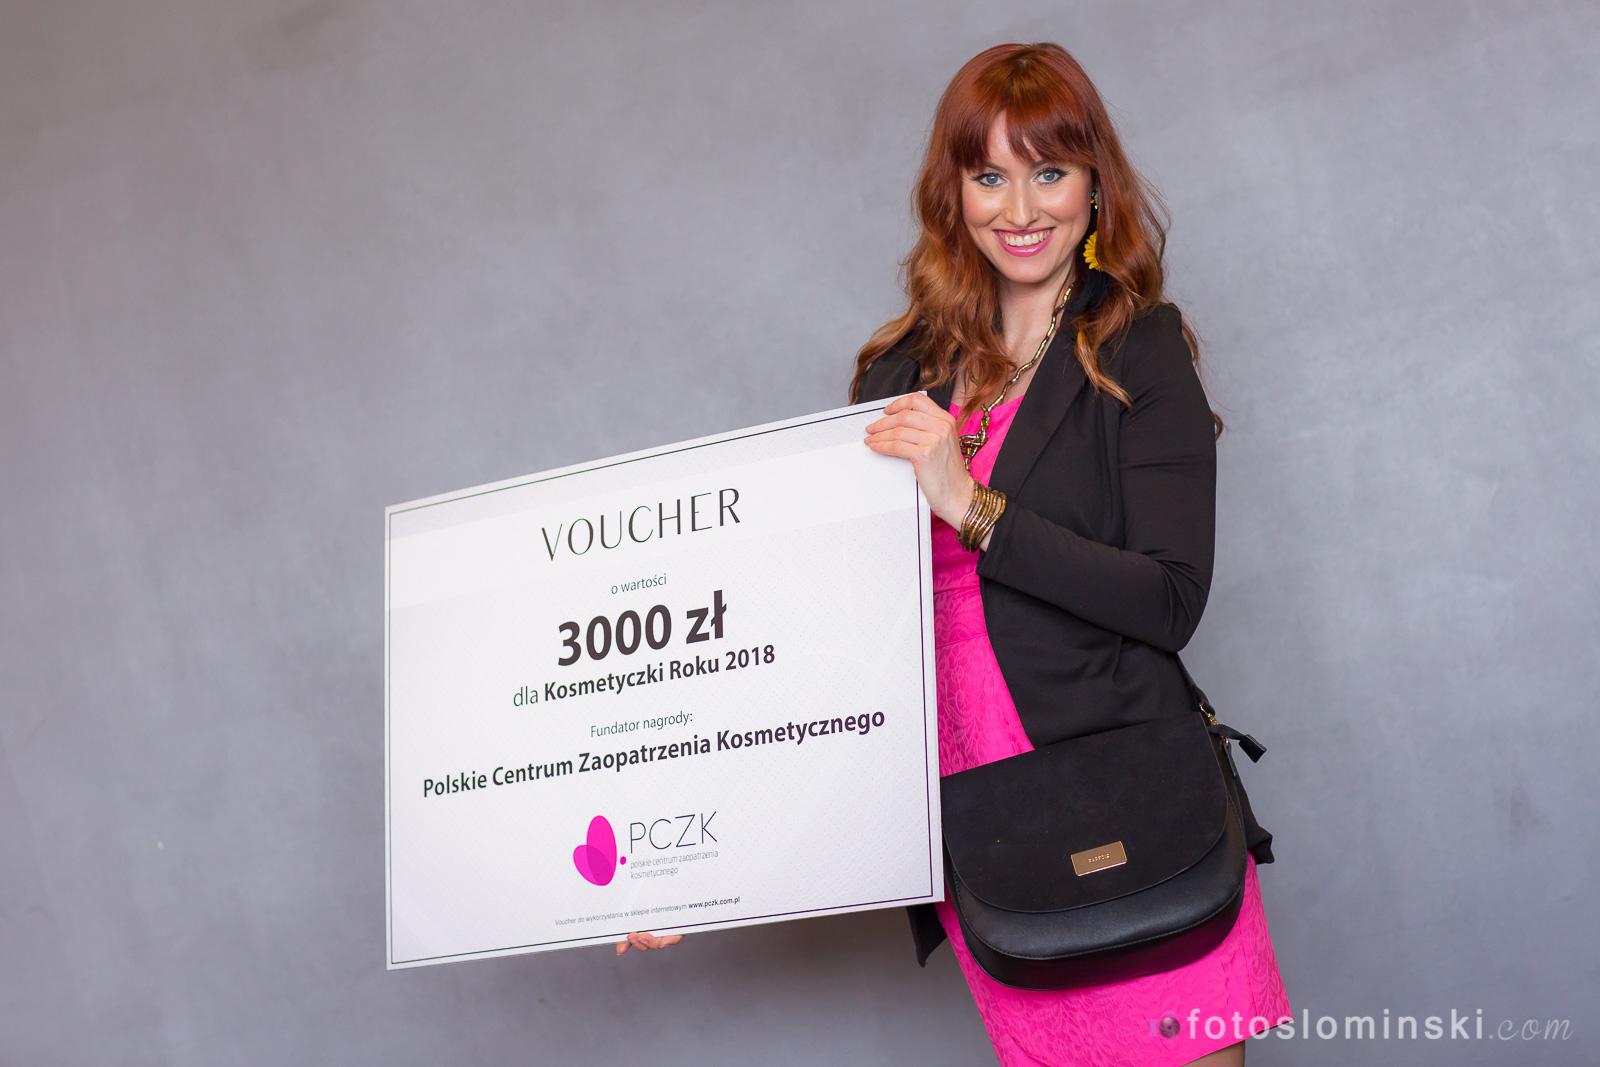 Mistrzowie Urody 2018 Wrocław – Gala rozdania nagród – Najlepsza kosmetyczka Wrocław Katarzyna Słomińska.